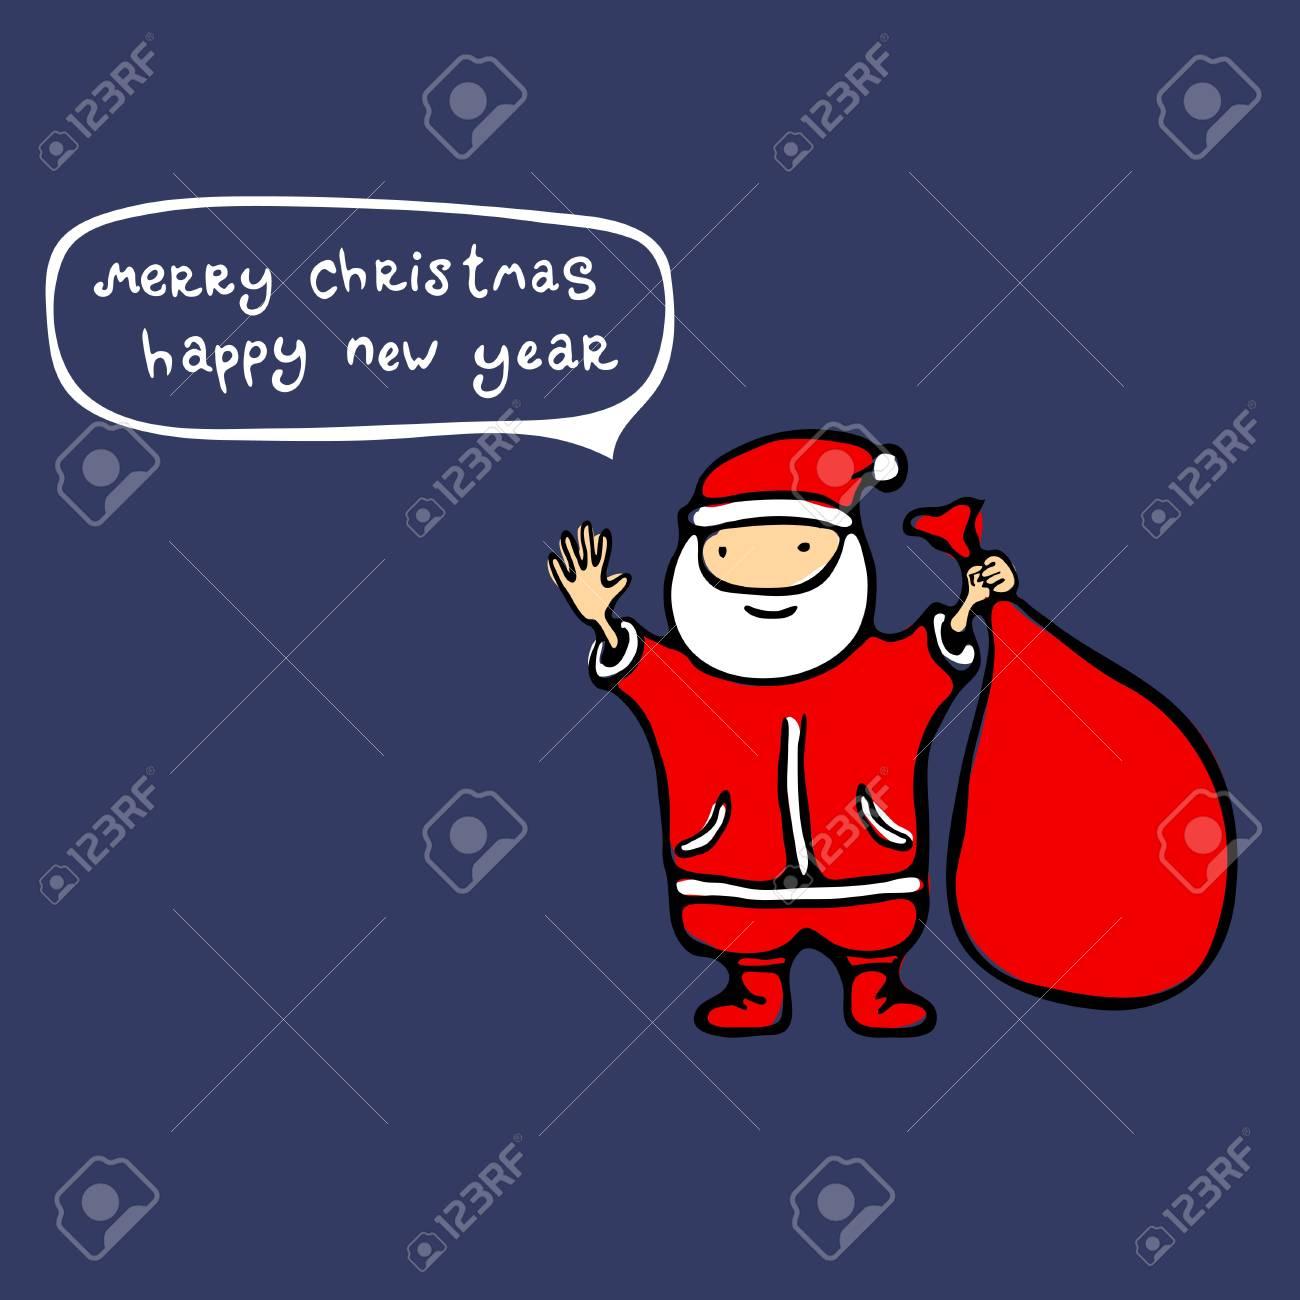 Santa Claus Stock Vector - 16297736